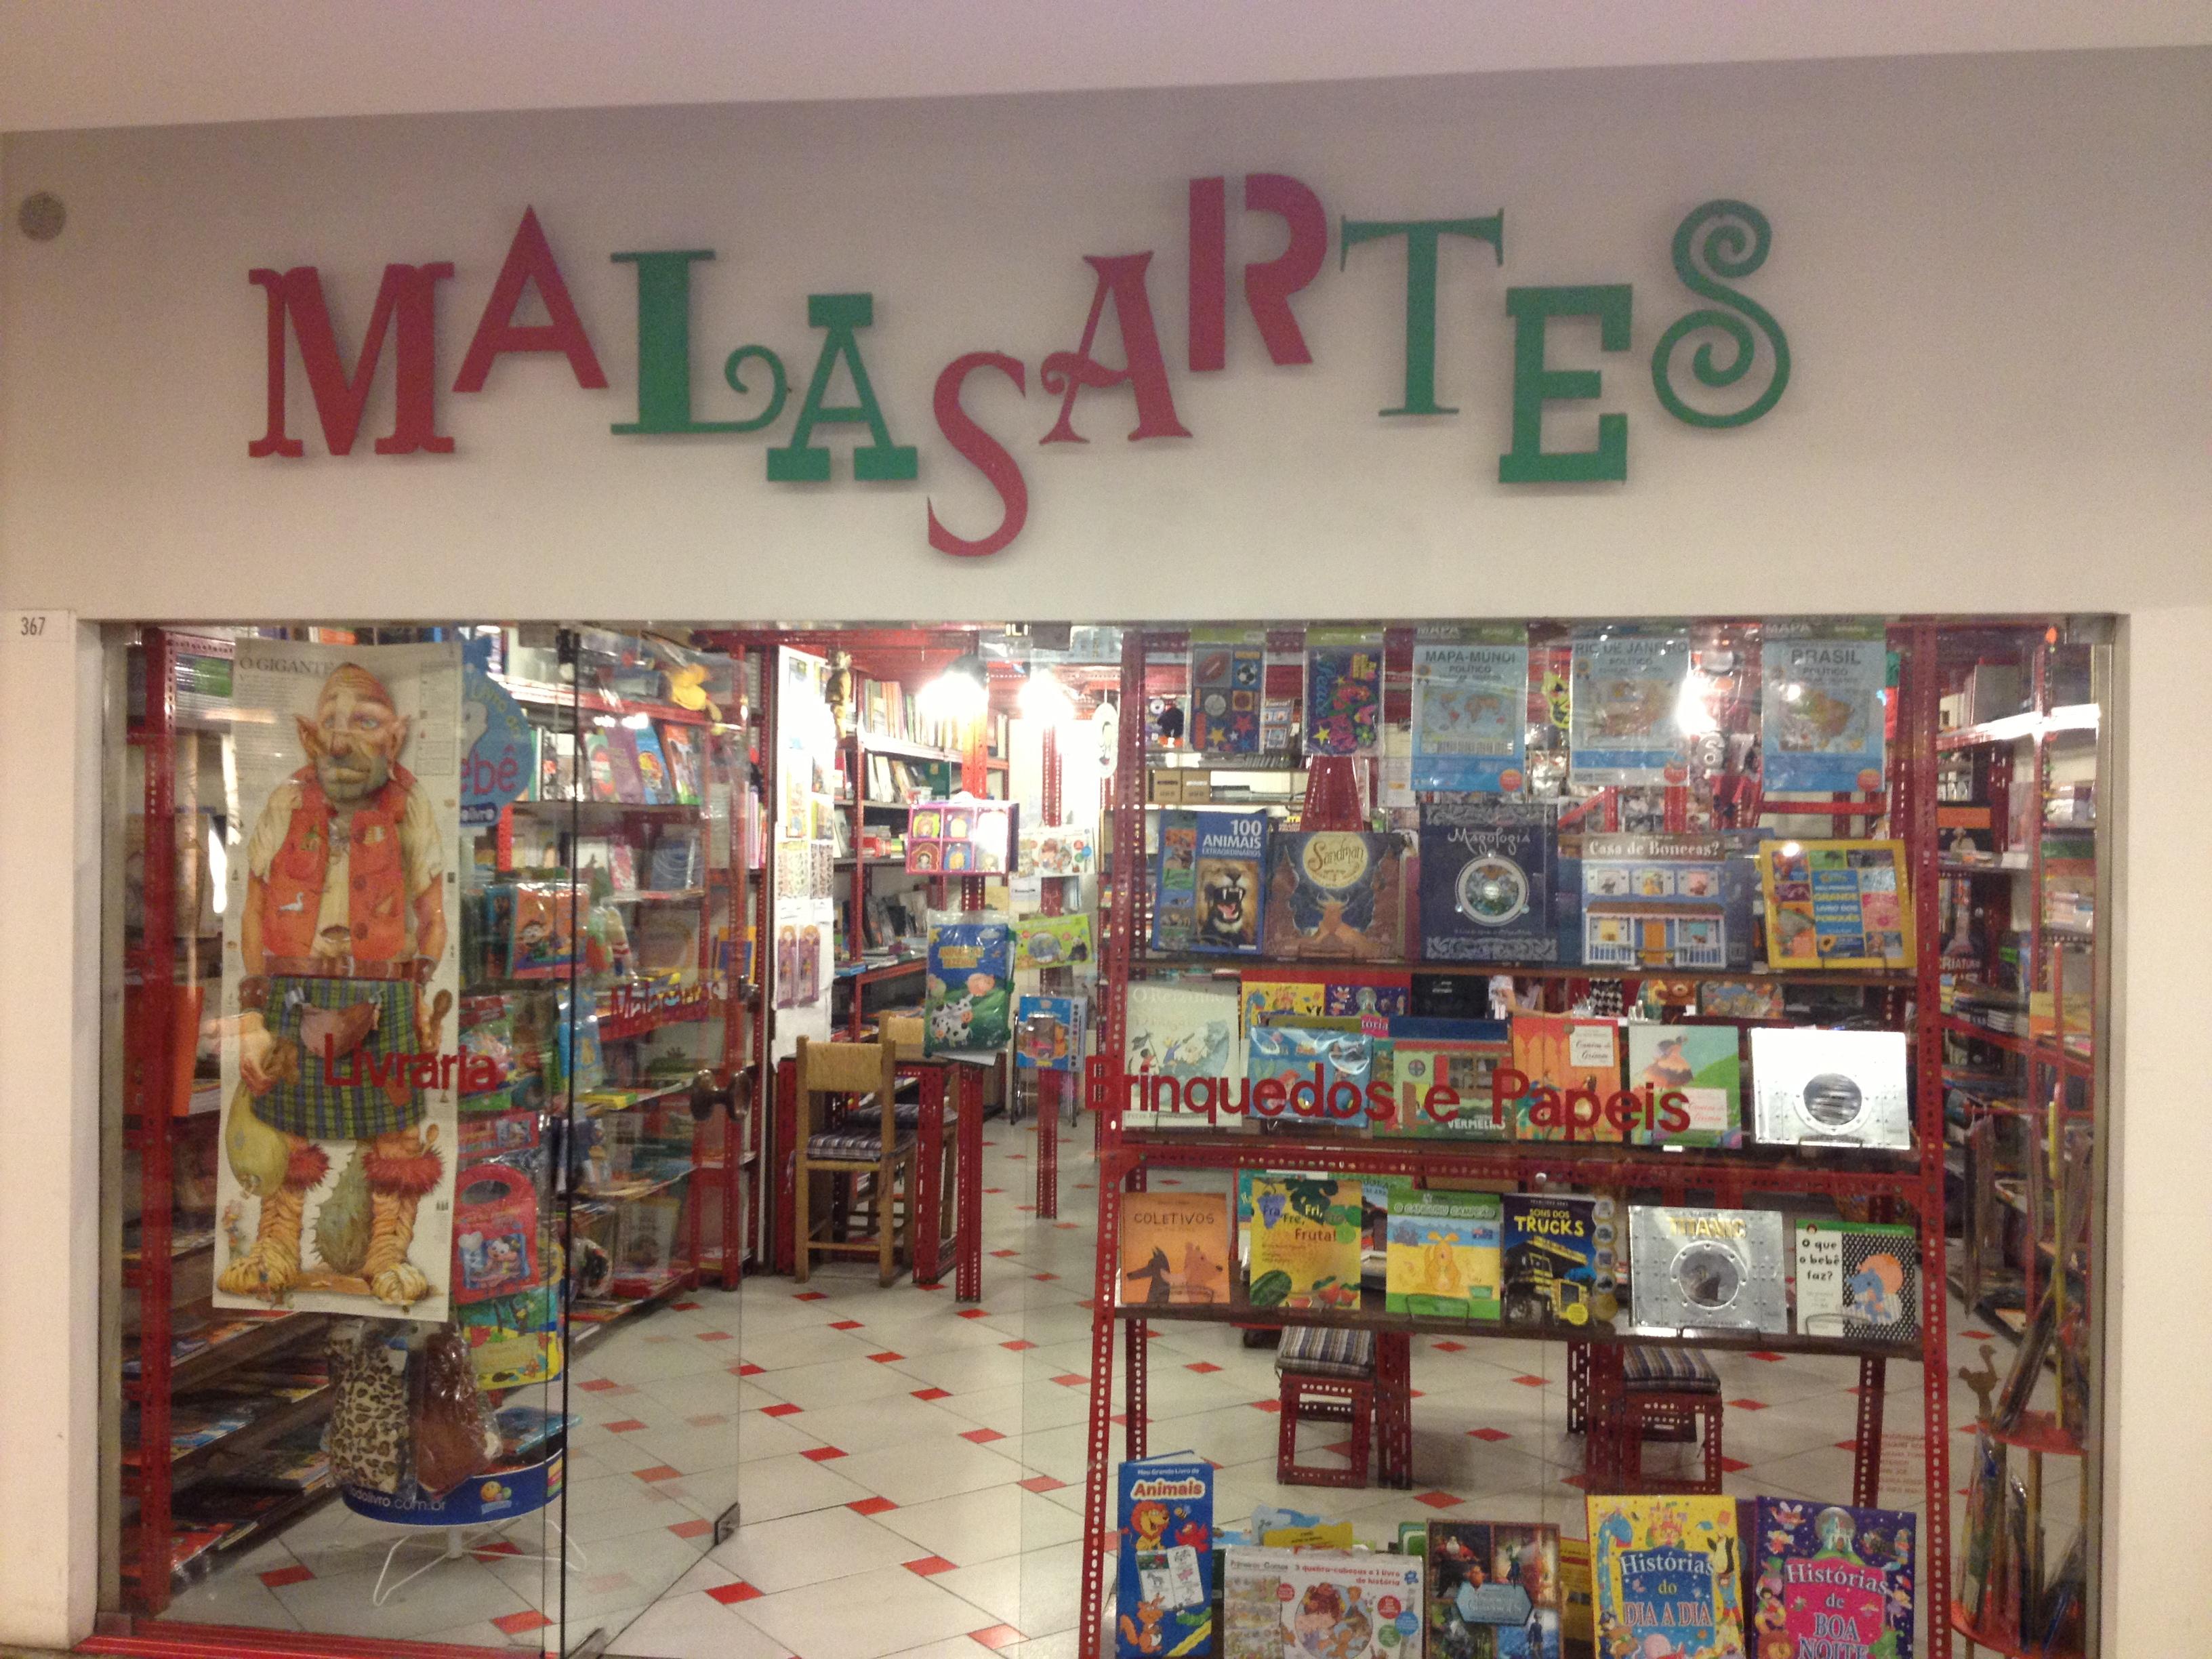 Estamos na tradicional Livraria Malasartes na Gávea (RJ) O mundo  #946837 3264x2448